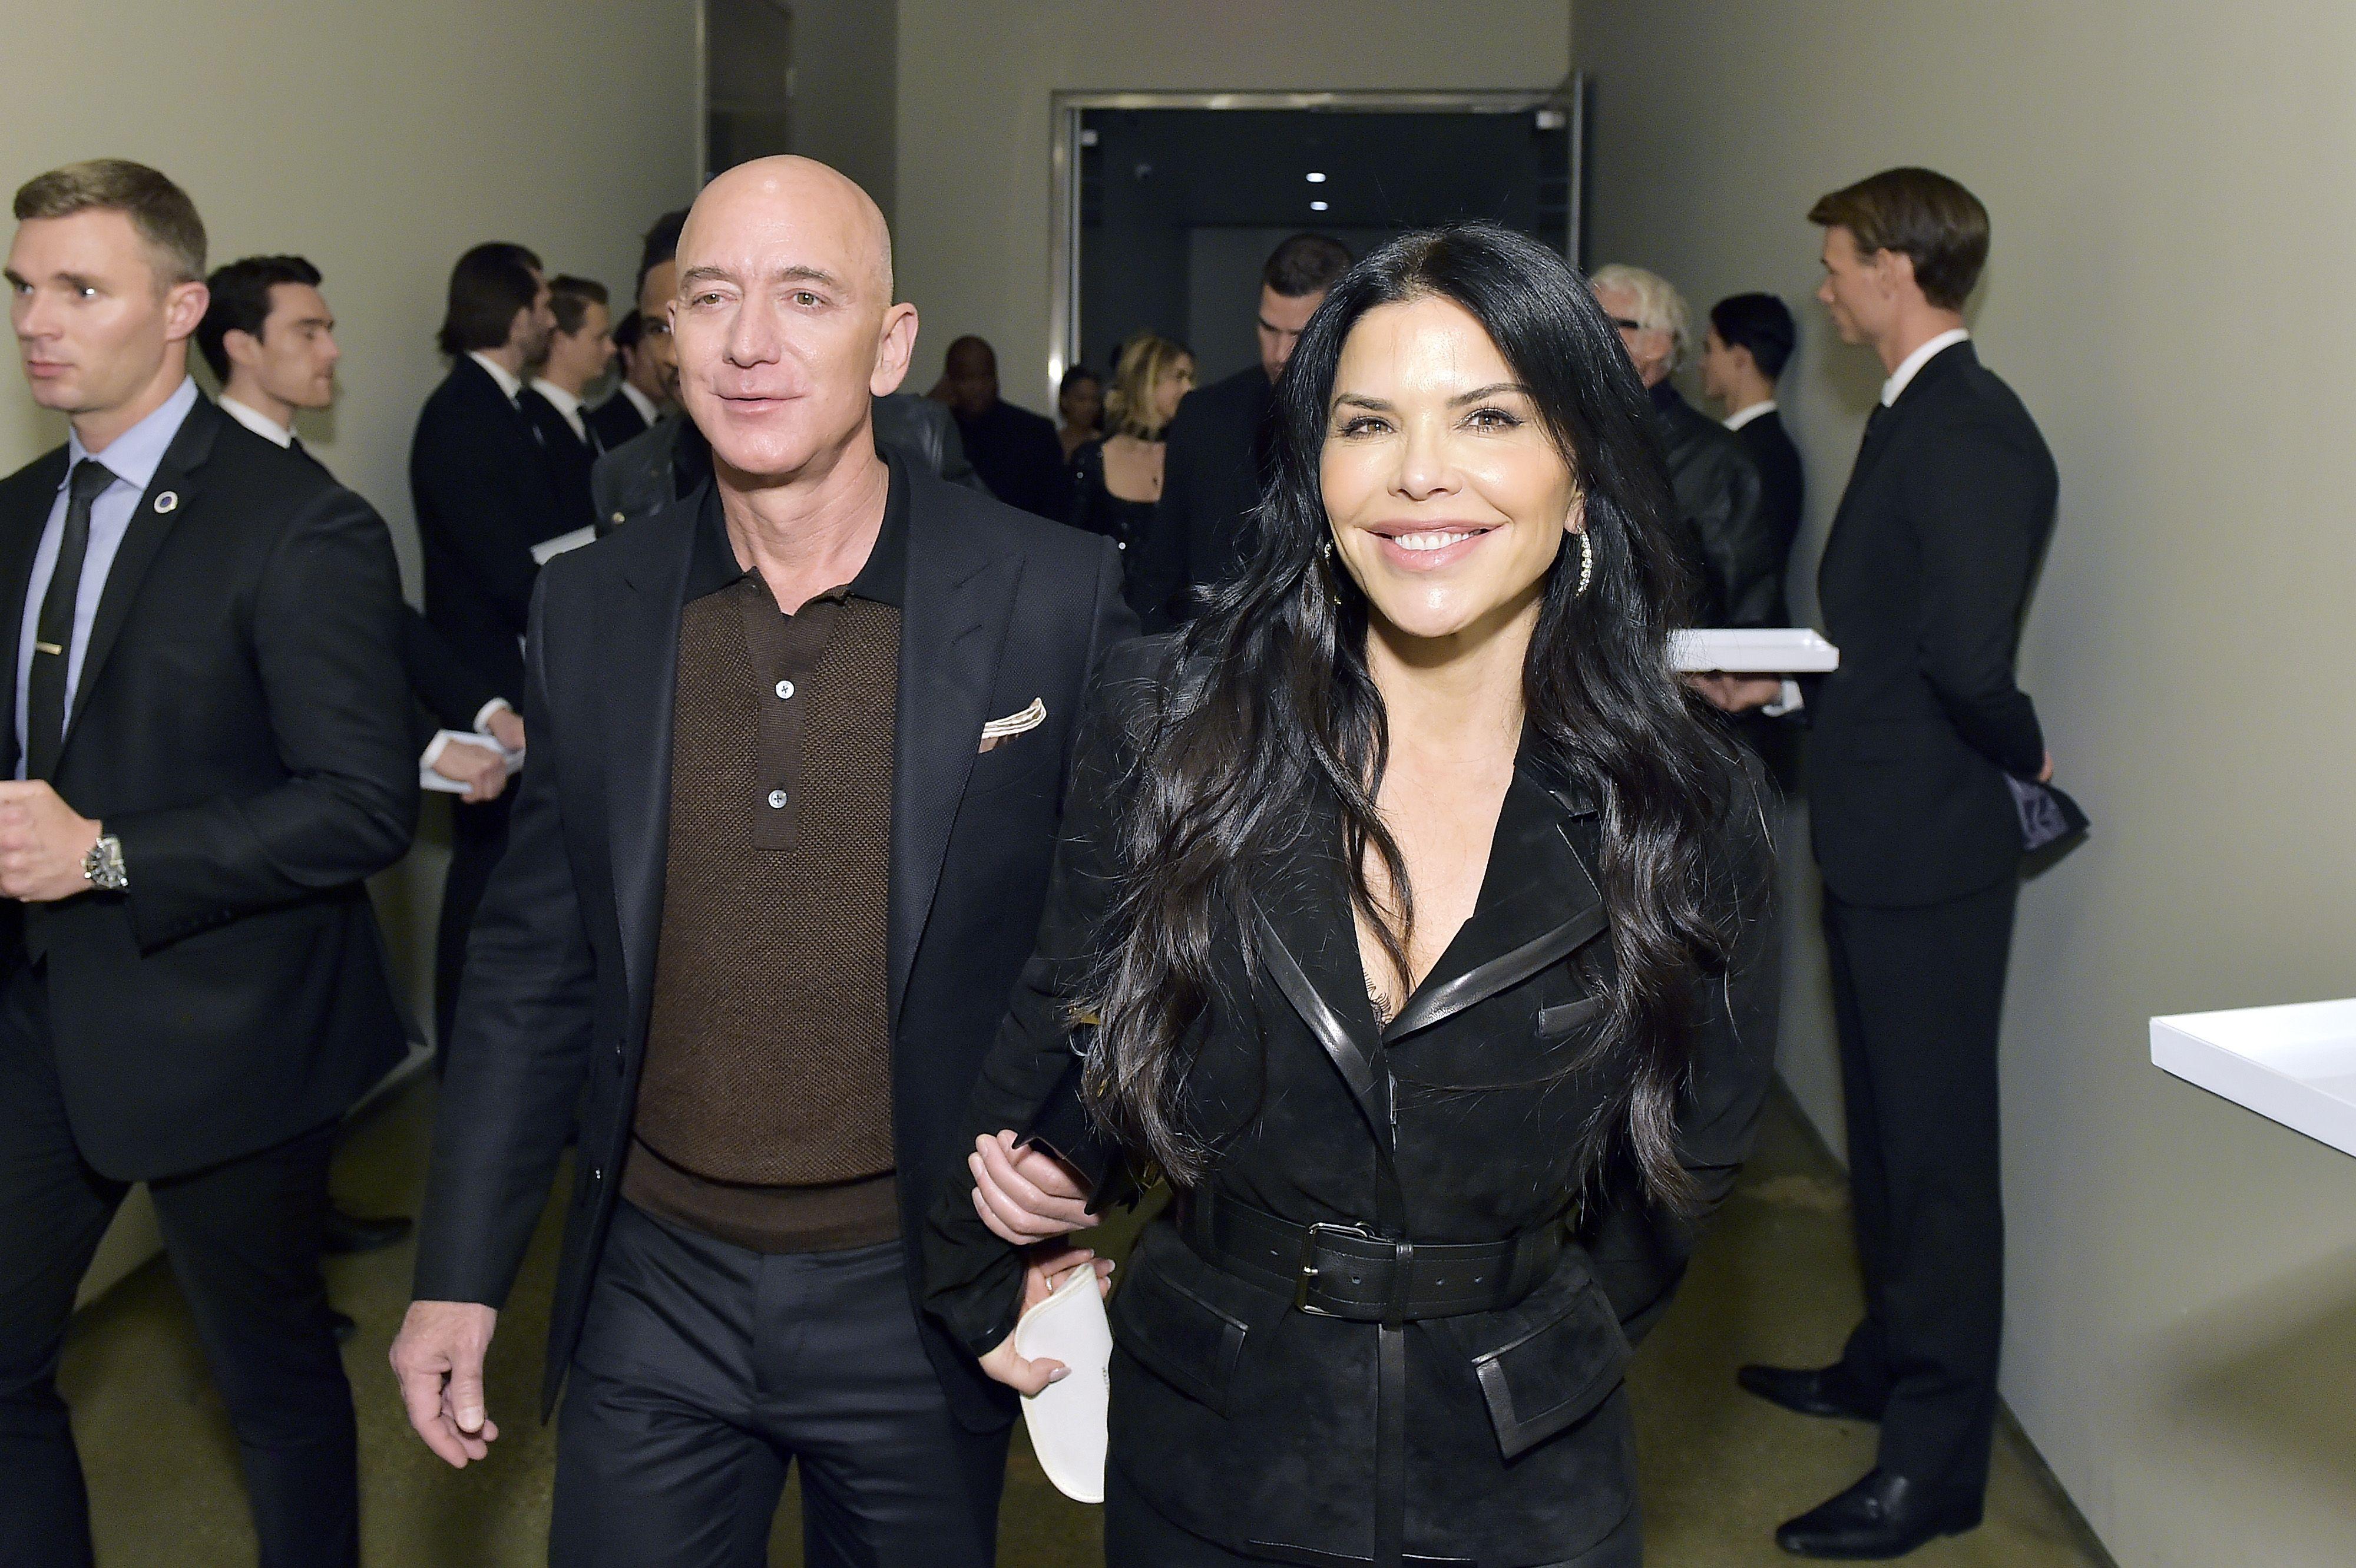 Jeff Bezos Took Lauren Sanchez to Meet ...